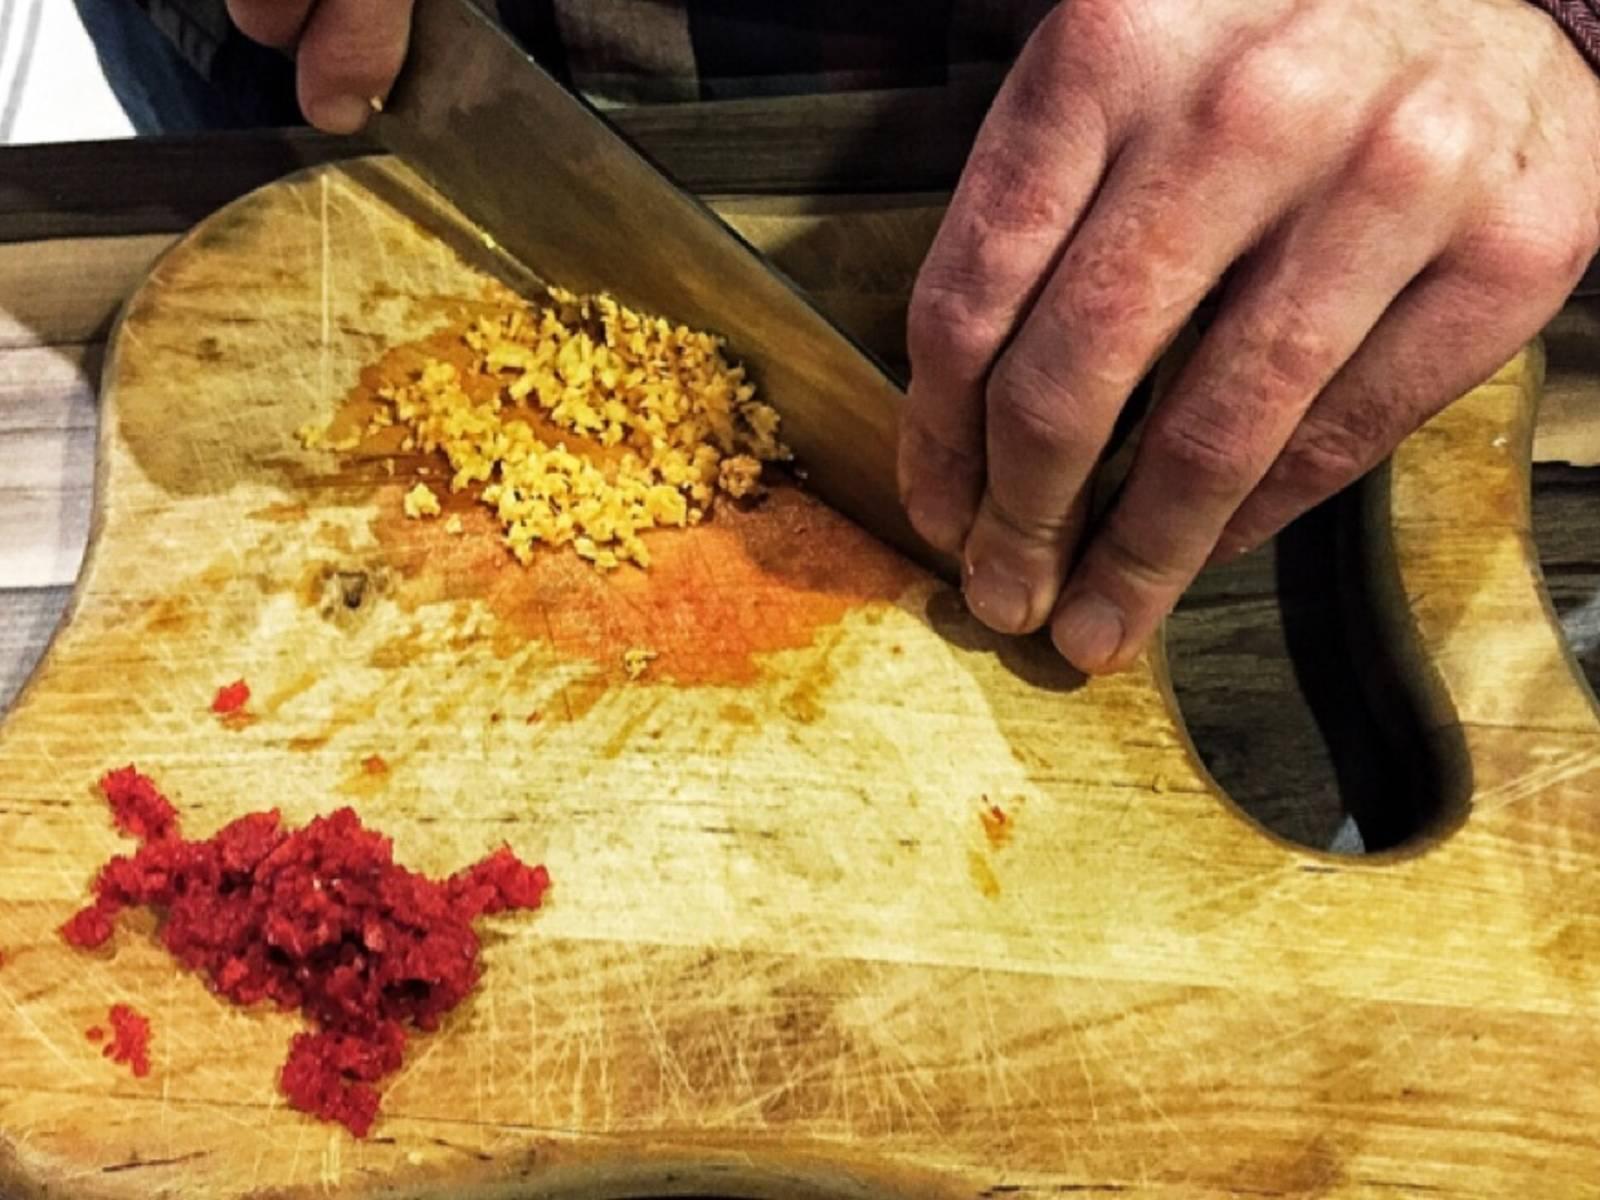 将辣椒和生姜剁碎,放入汤中。撒盐调味。